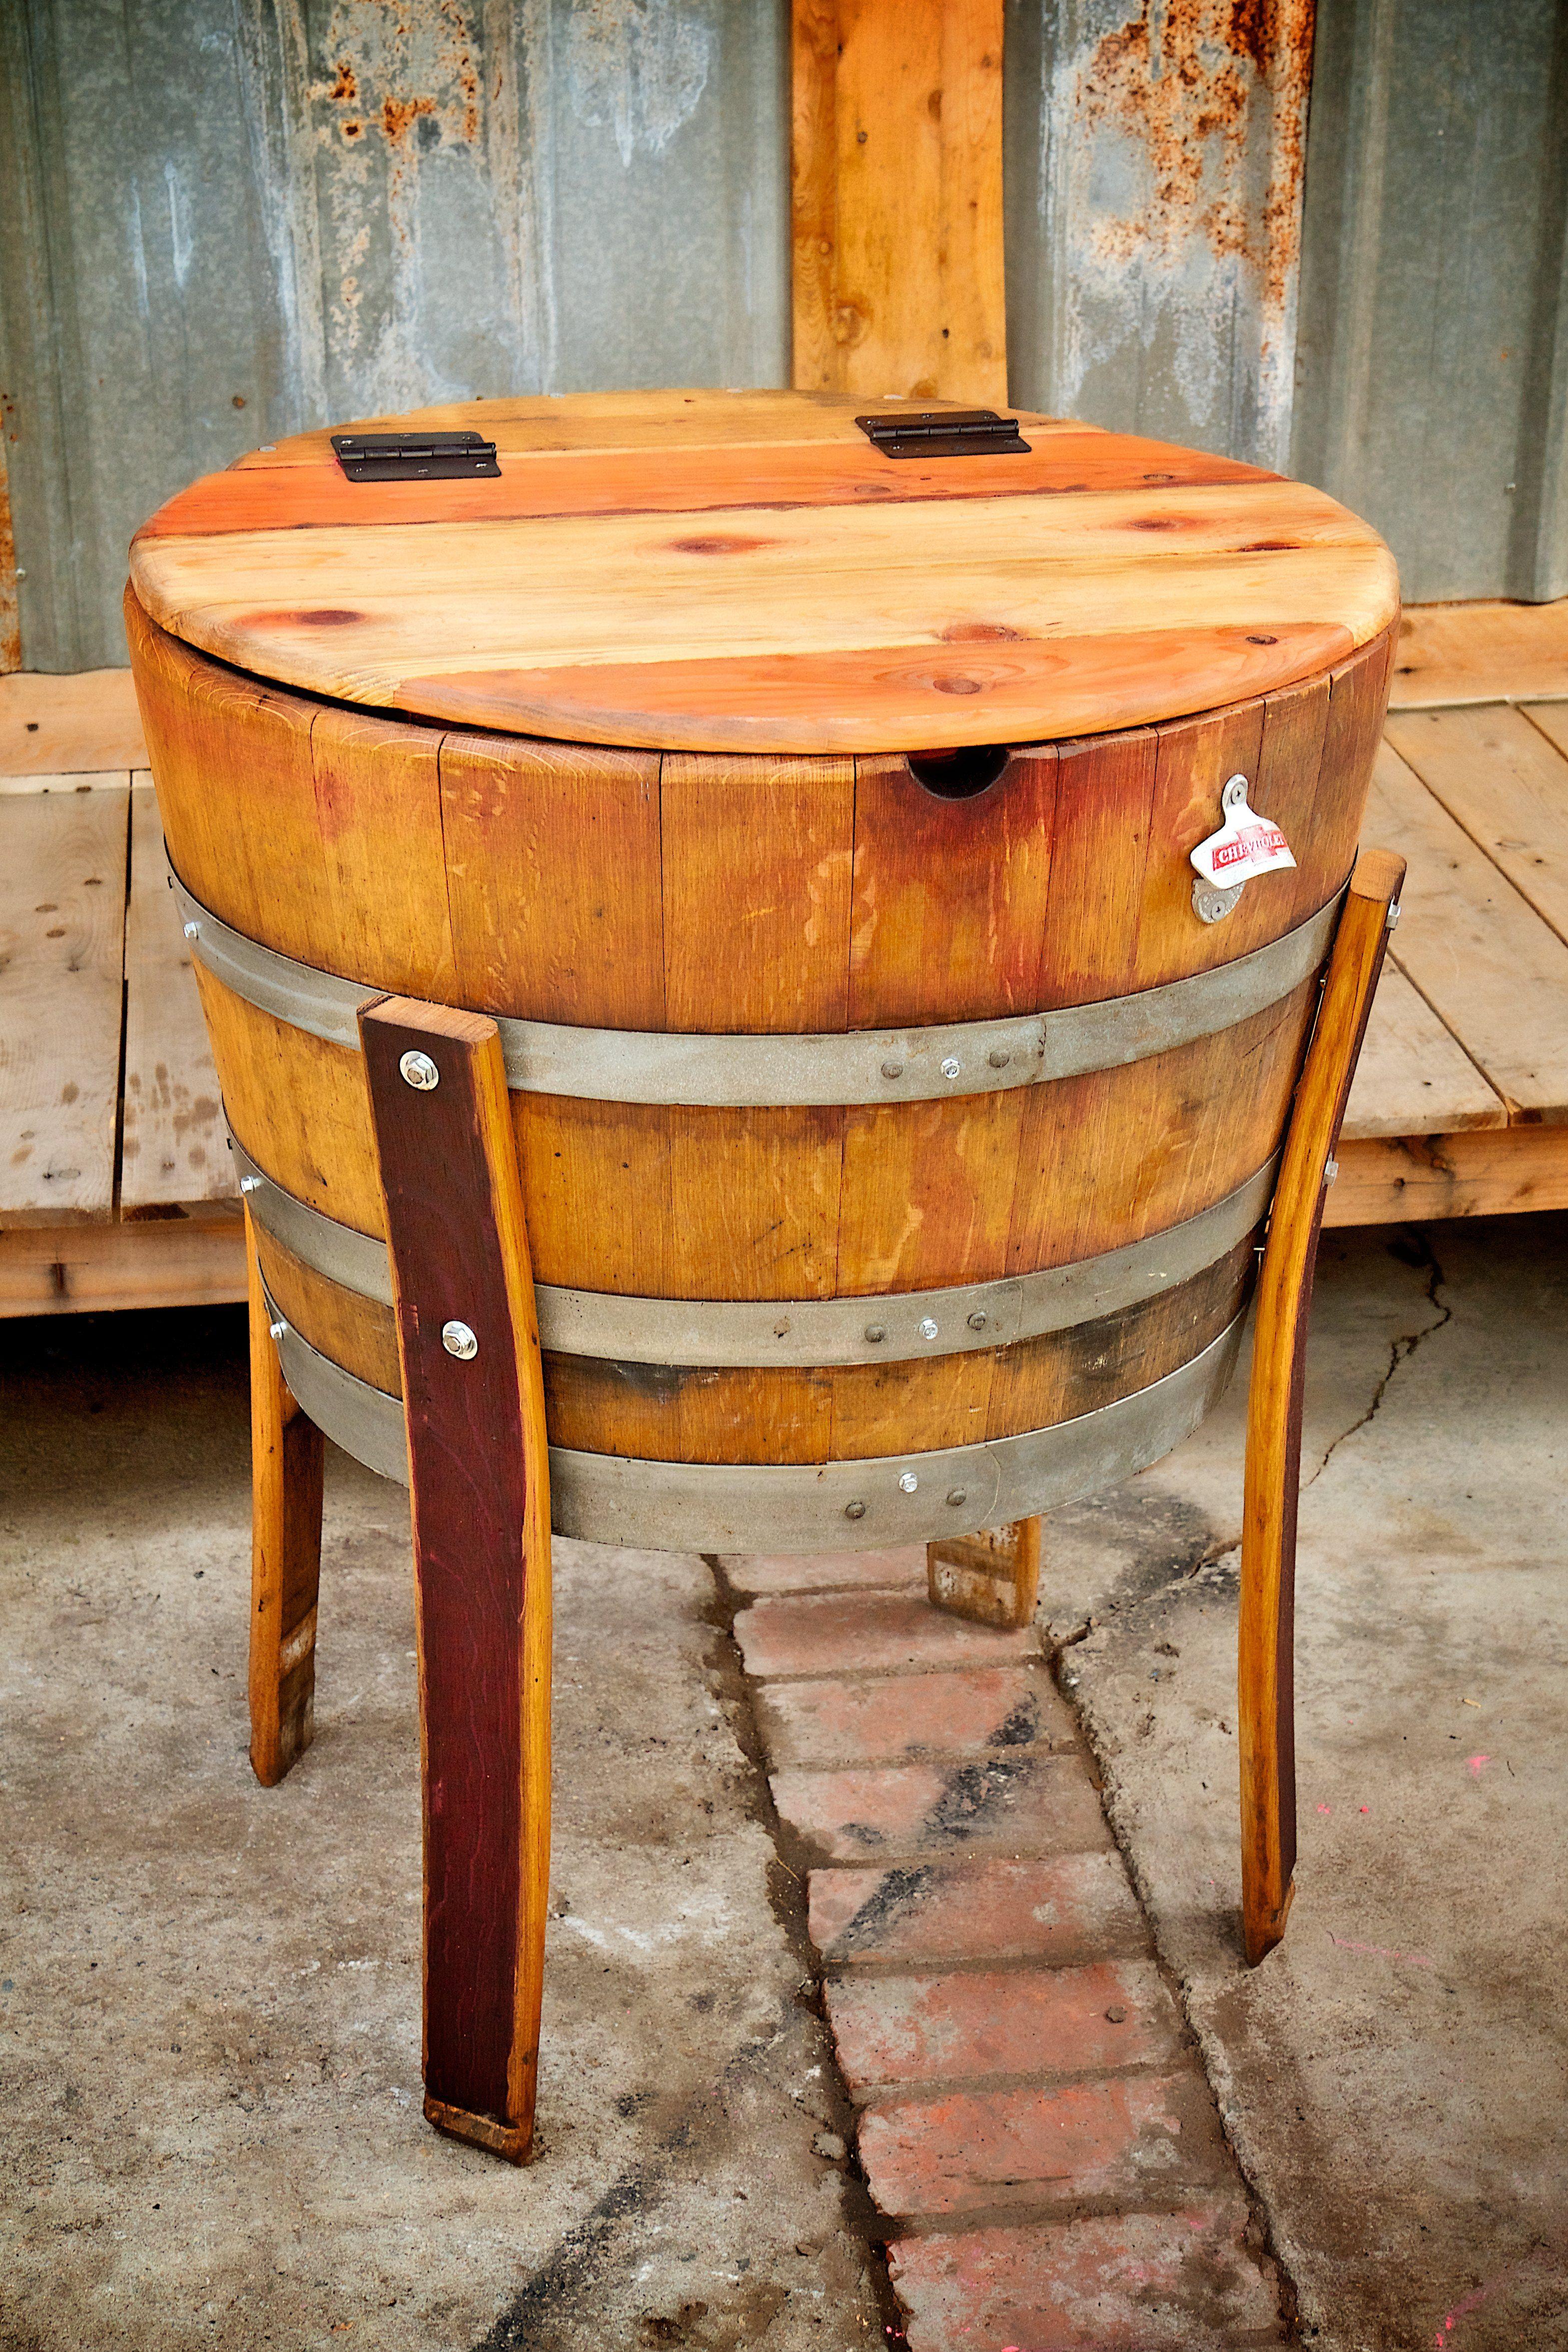 Half Full Barrel Beverage Cooler Wine Barrel Furniture Barrel Decor Barrel Projects